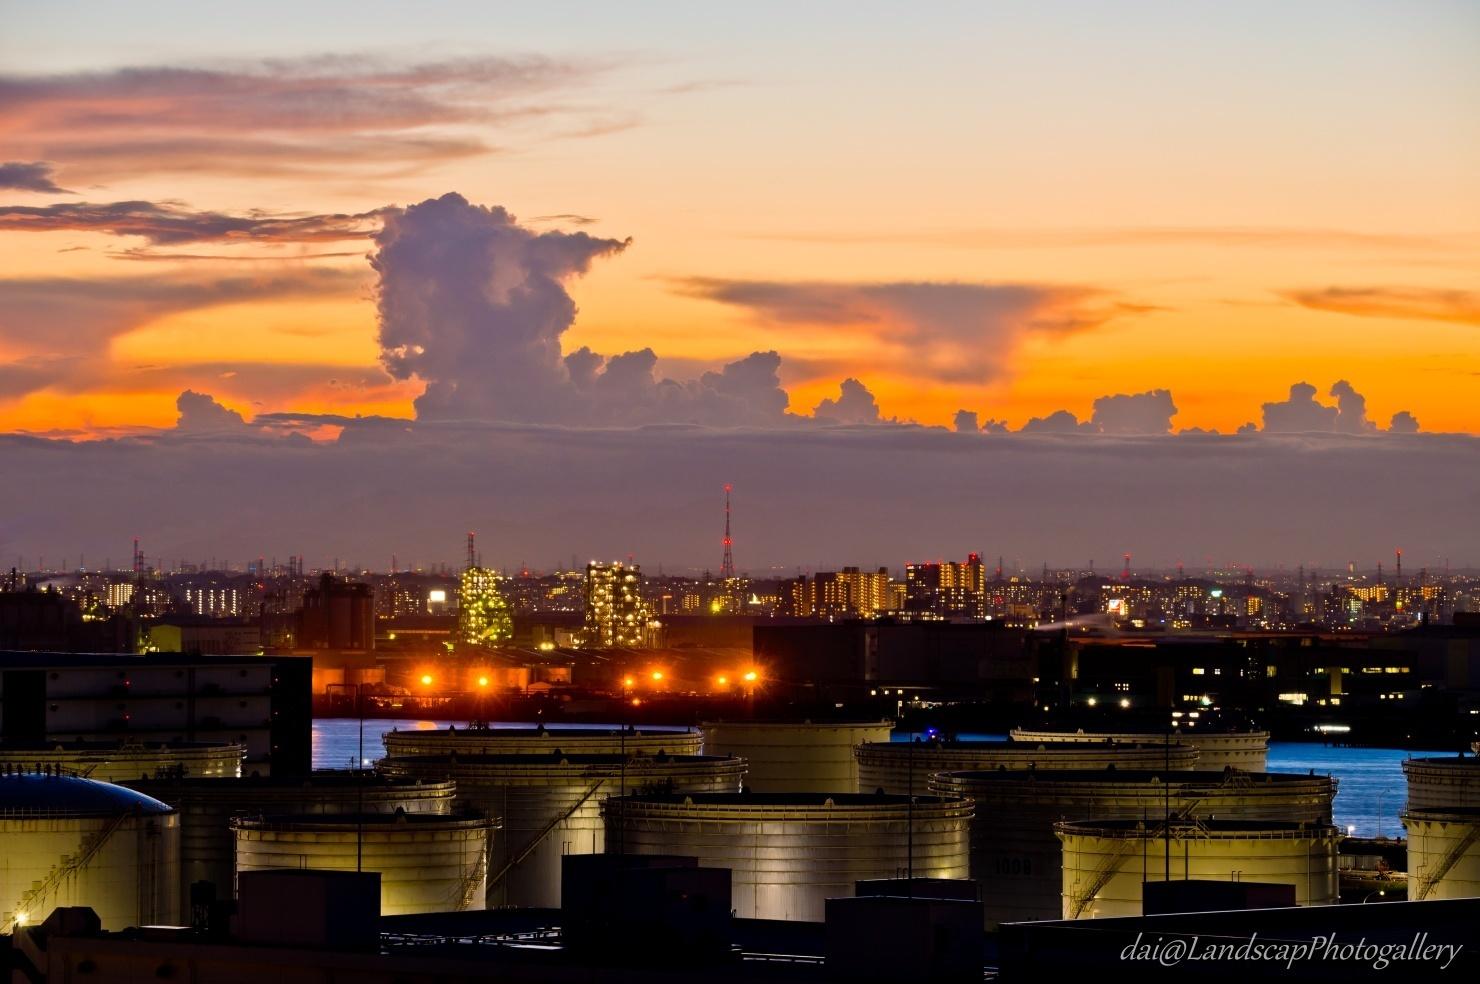 工場夕夜景と夏の夕雲